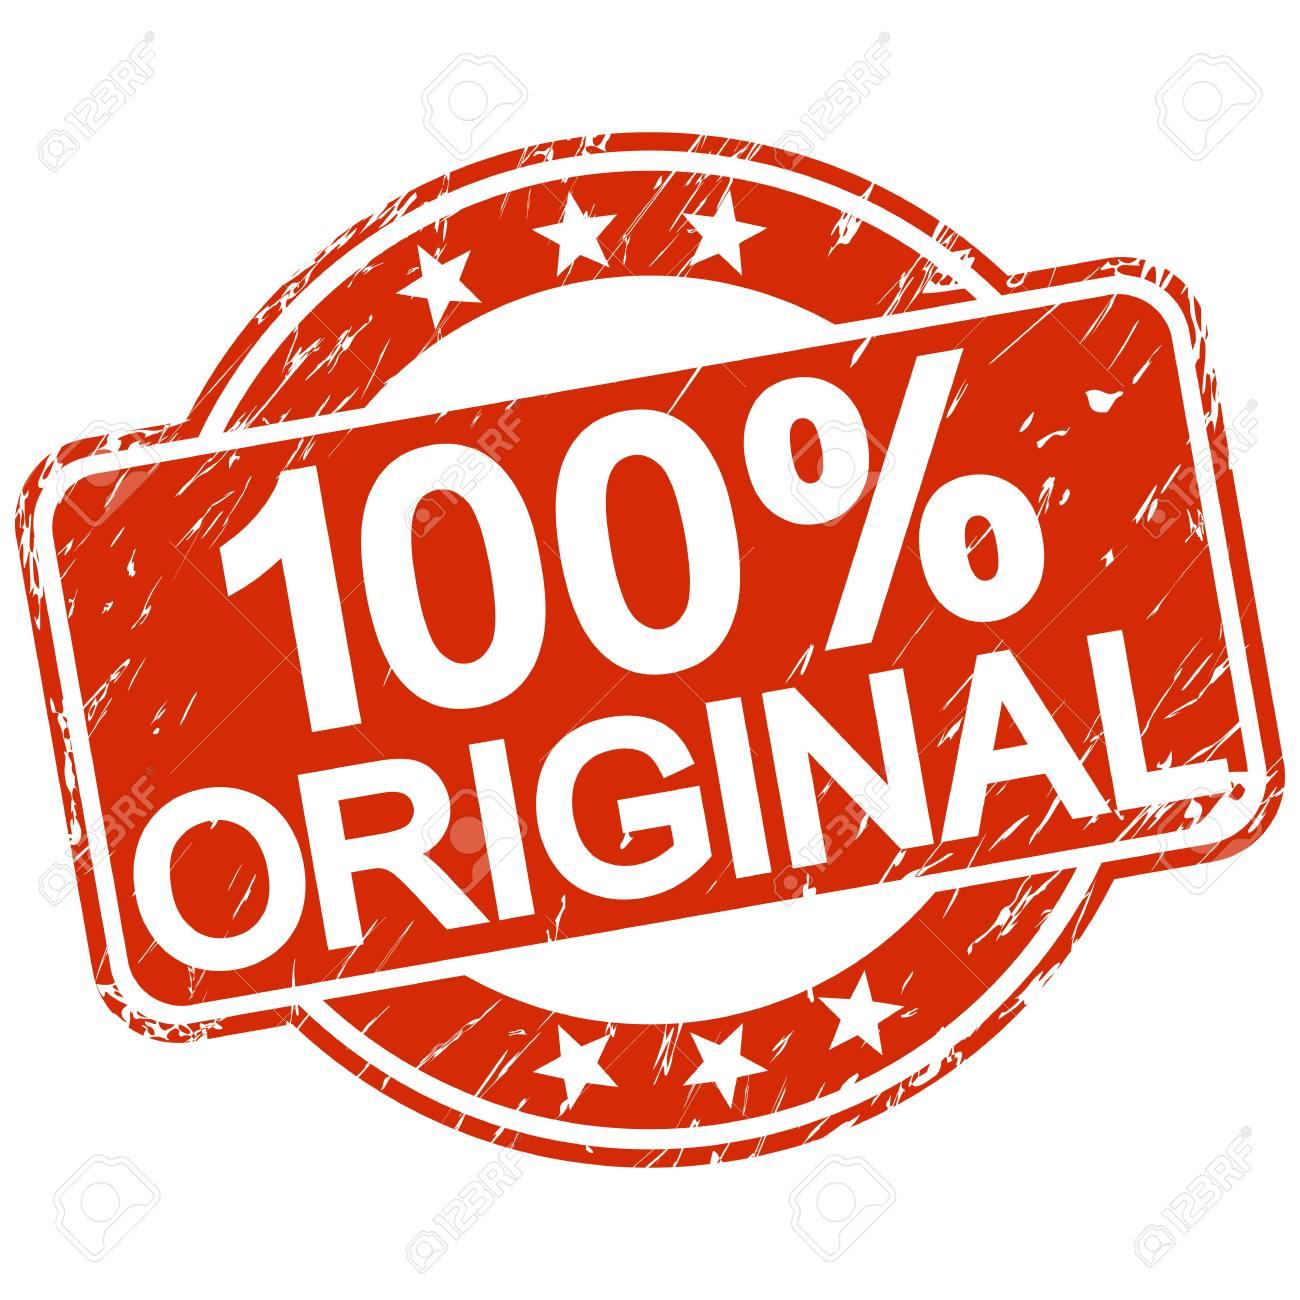 Resultado de imagem para 100 original